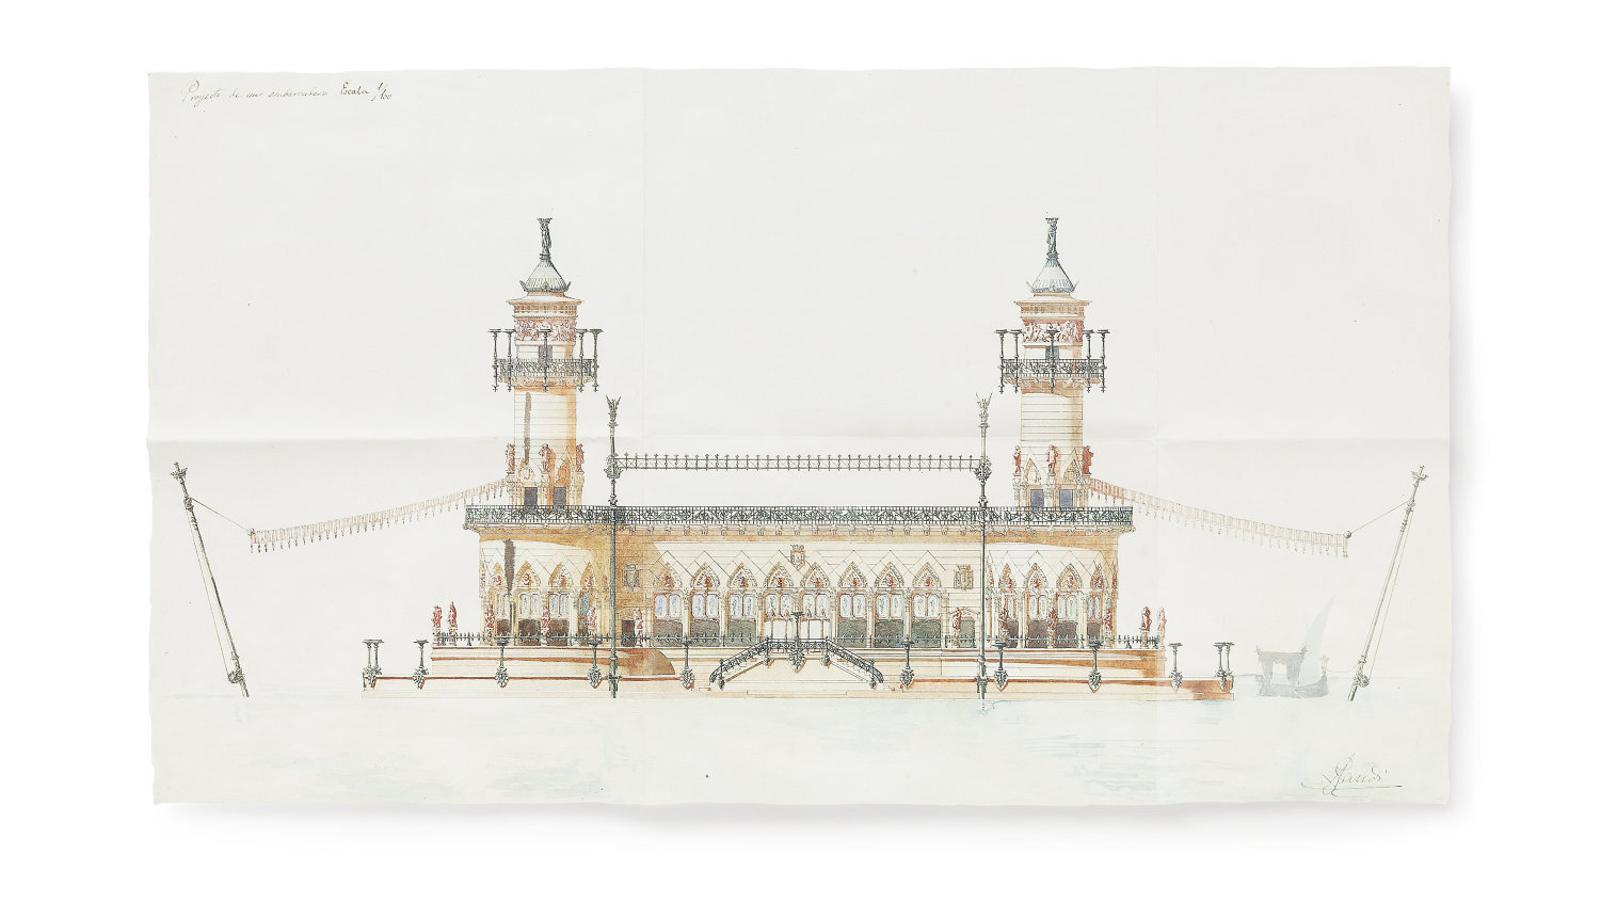 01. L'embarcador que va dibuixar Gaudí quan era estudiant. 02. La carpeta amb els plànols a mida natural del projecte d'Artika. 03. El plànol de la Sagrada Família del 1916 en què Gaudí mostra com hauria d'haver encaixat amb l'entorn urbanístic.